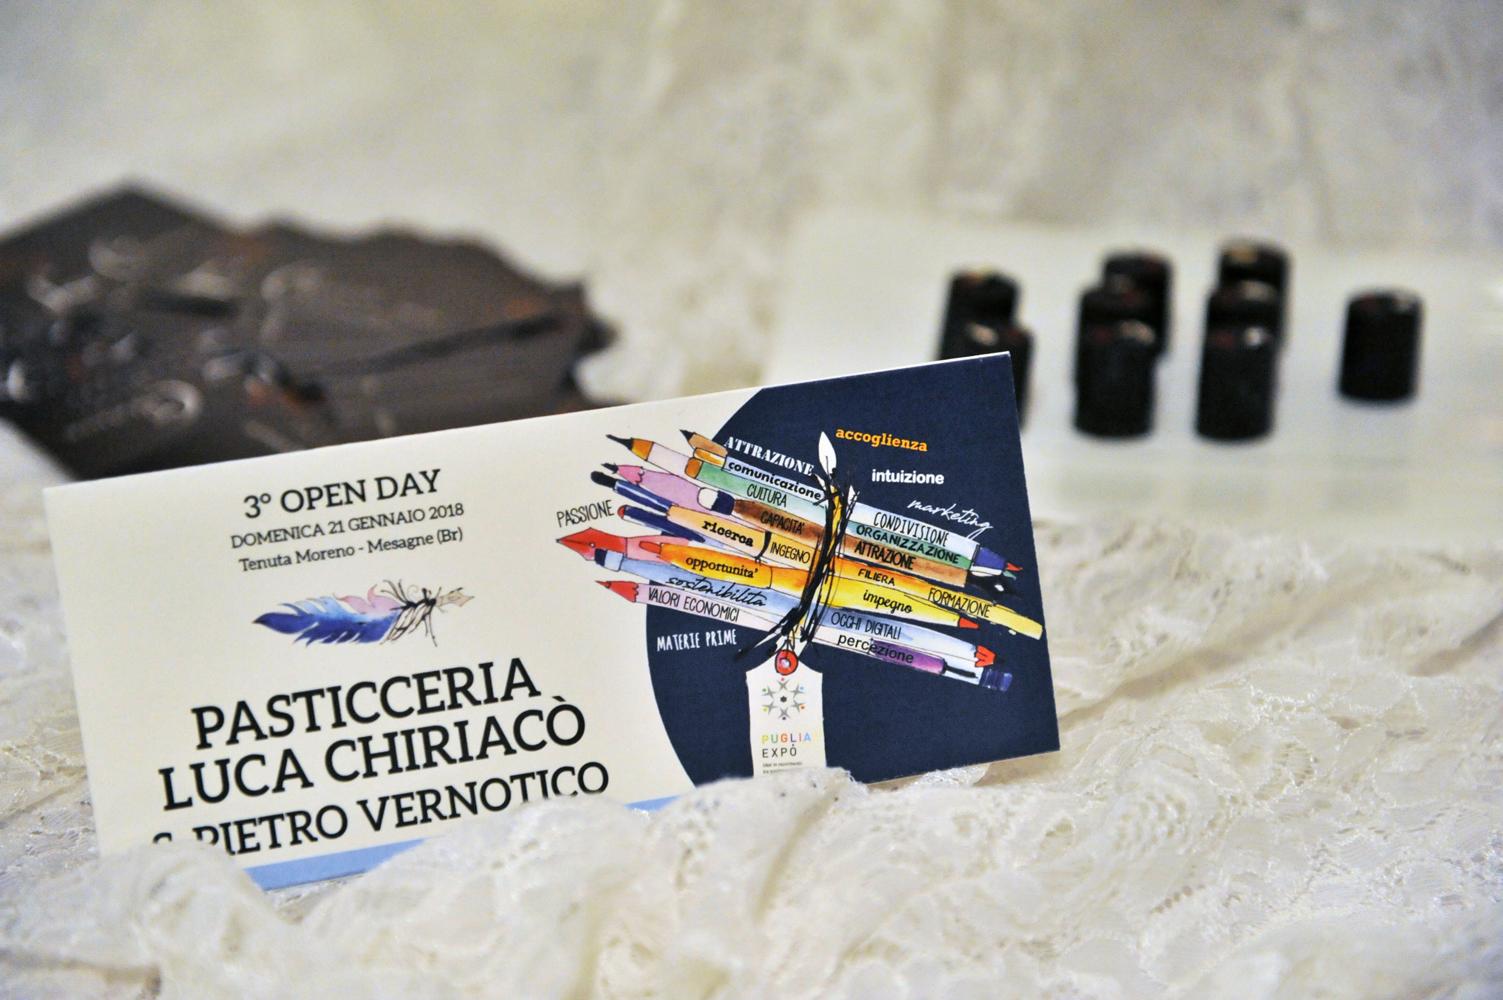 chiriaco_1.jpg